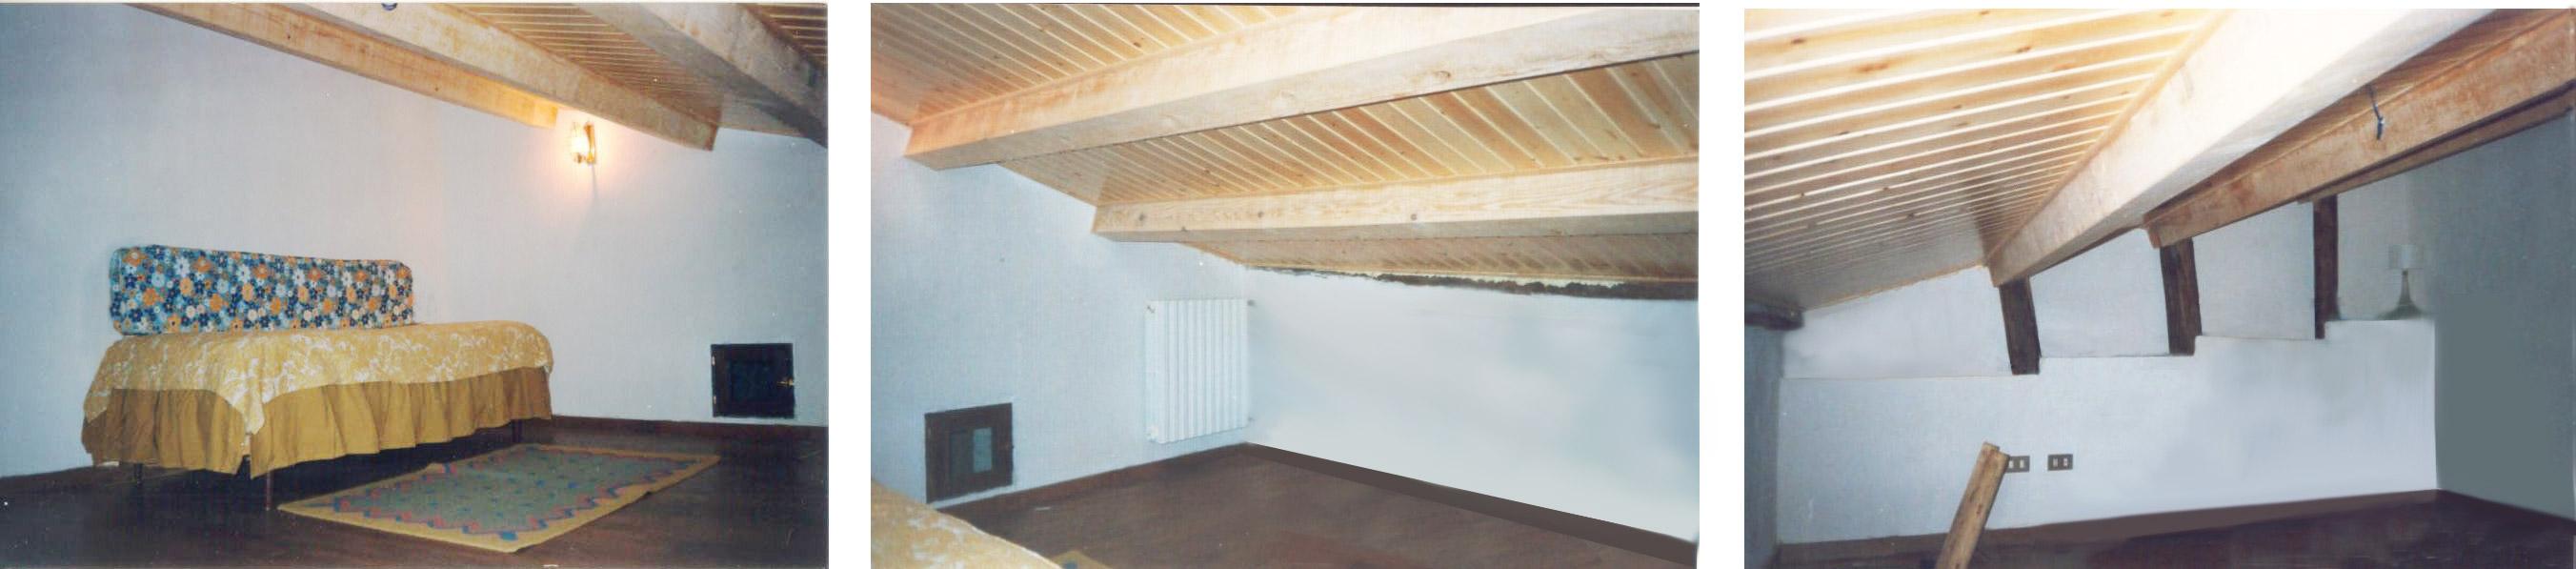 Ristrutturazione casa di montagna nia - Costo ristrutturazione casa 80 mq ...